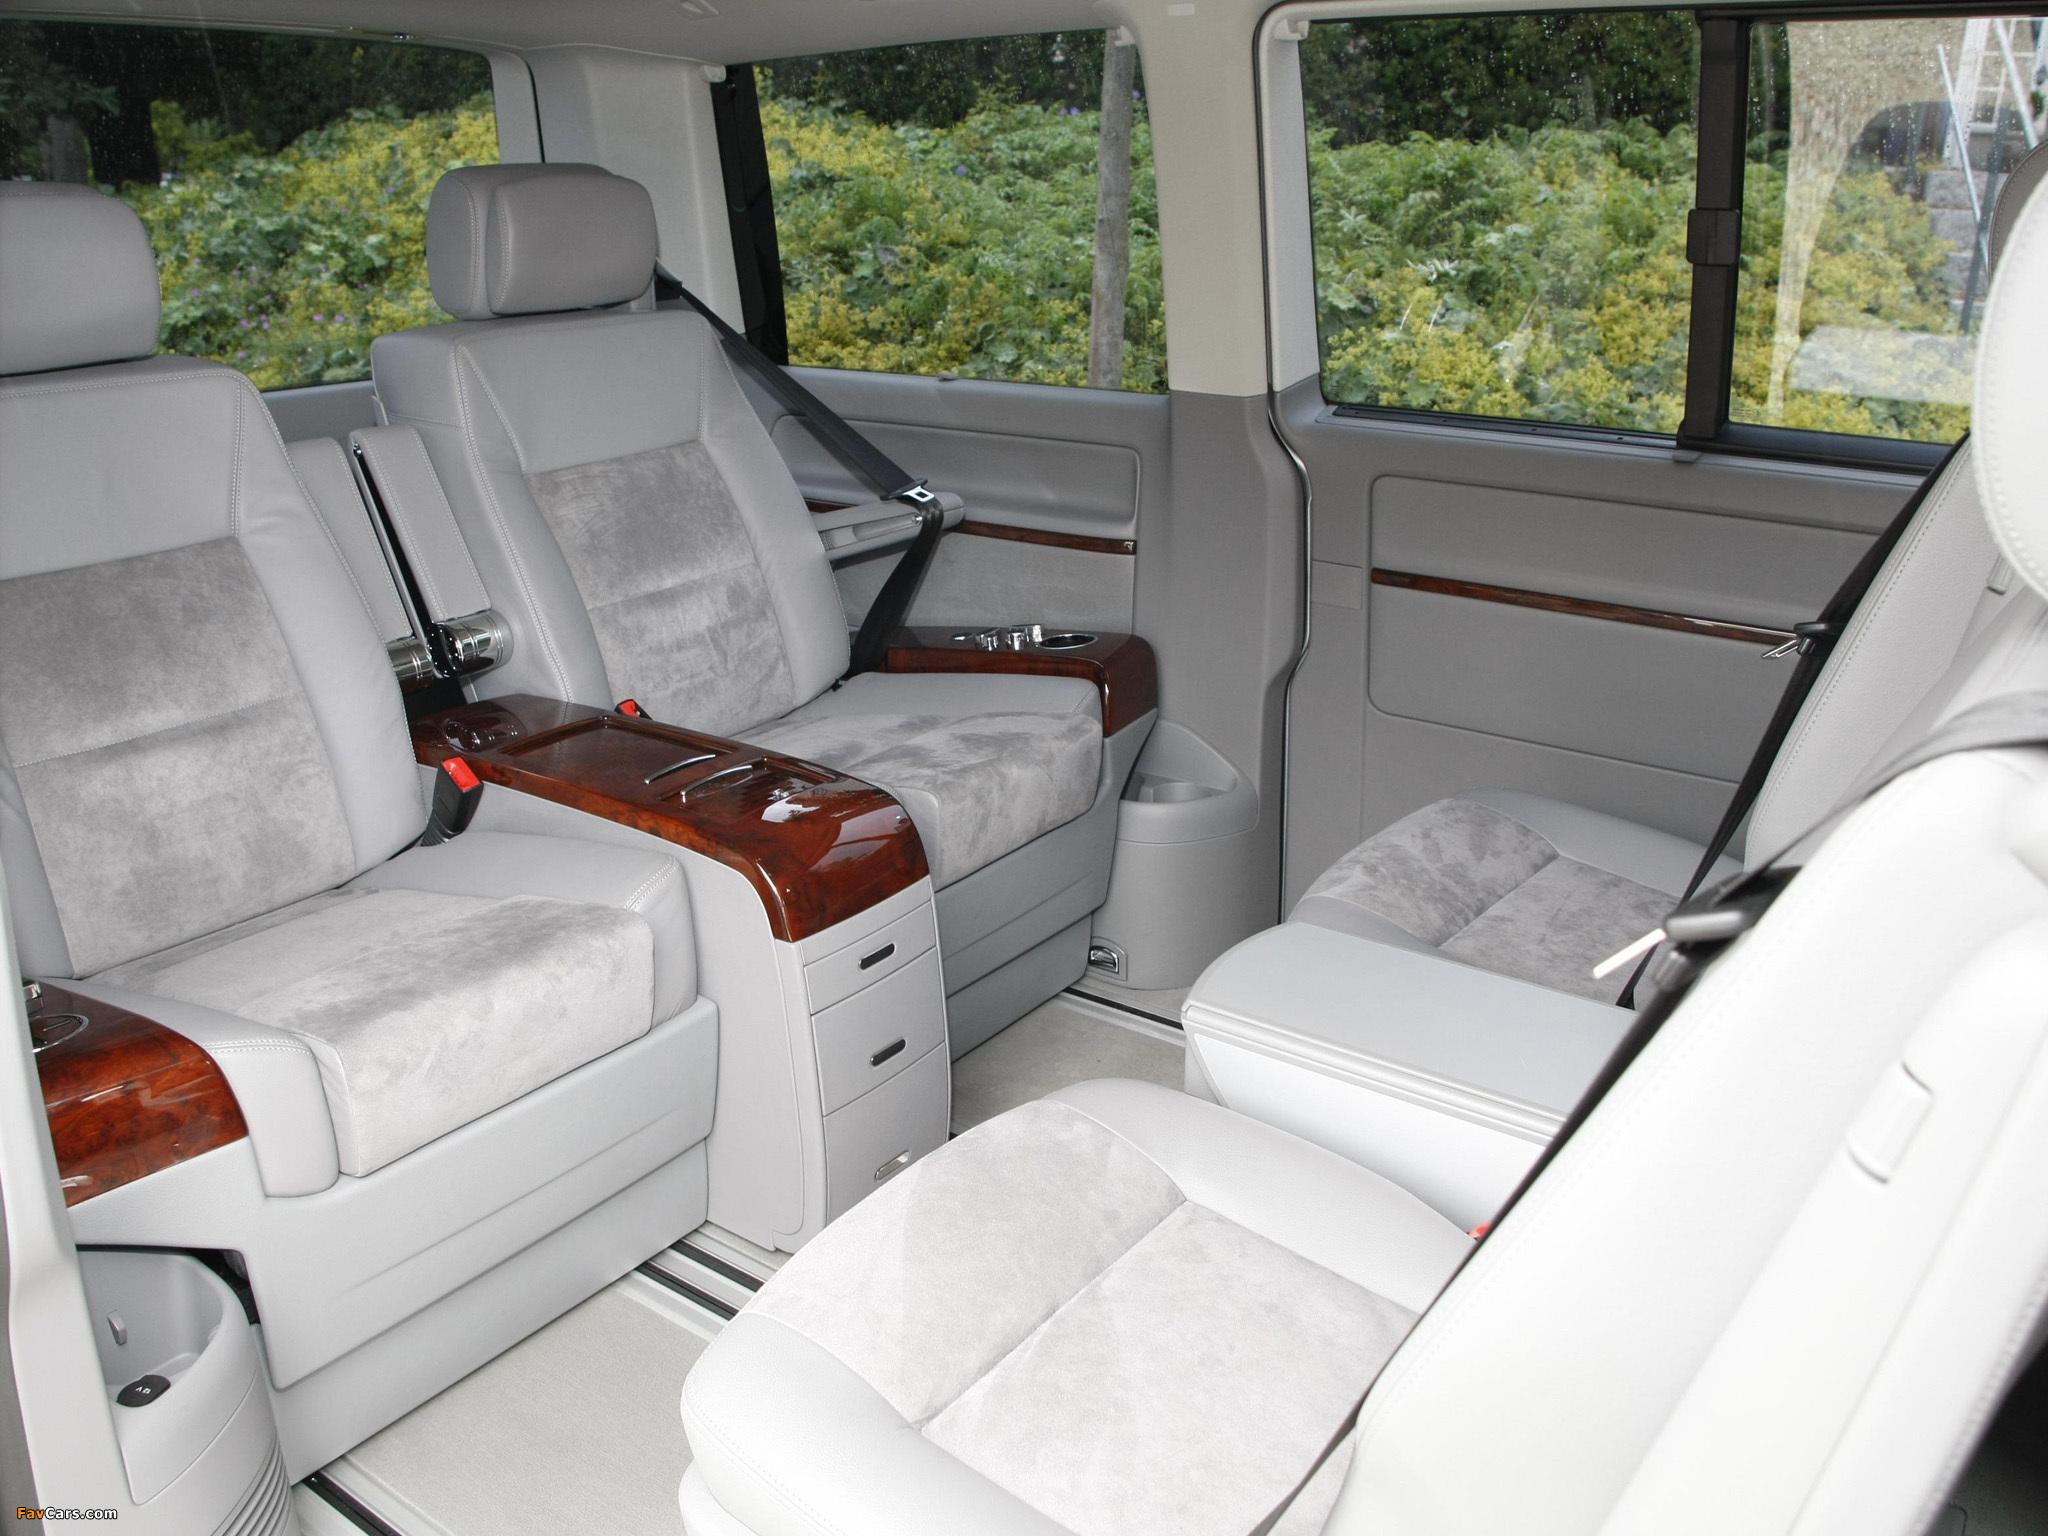 volkswagen t5 multivan highline 2003 09 pictures 2048x1536. Black Bedroom Furniture Sets. Home Design Ideas